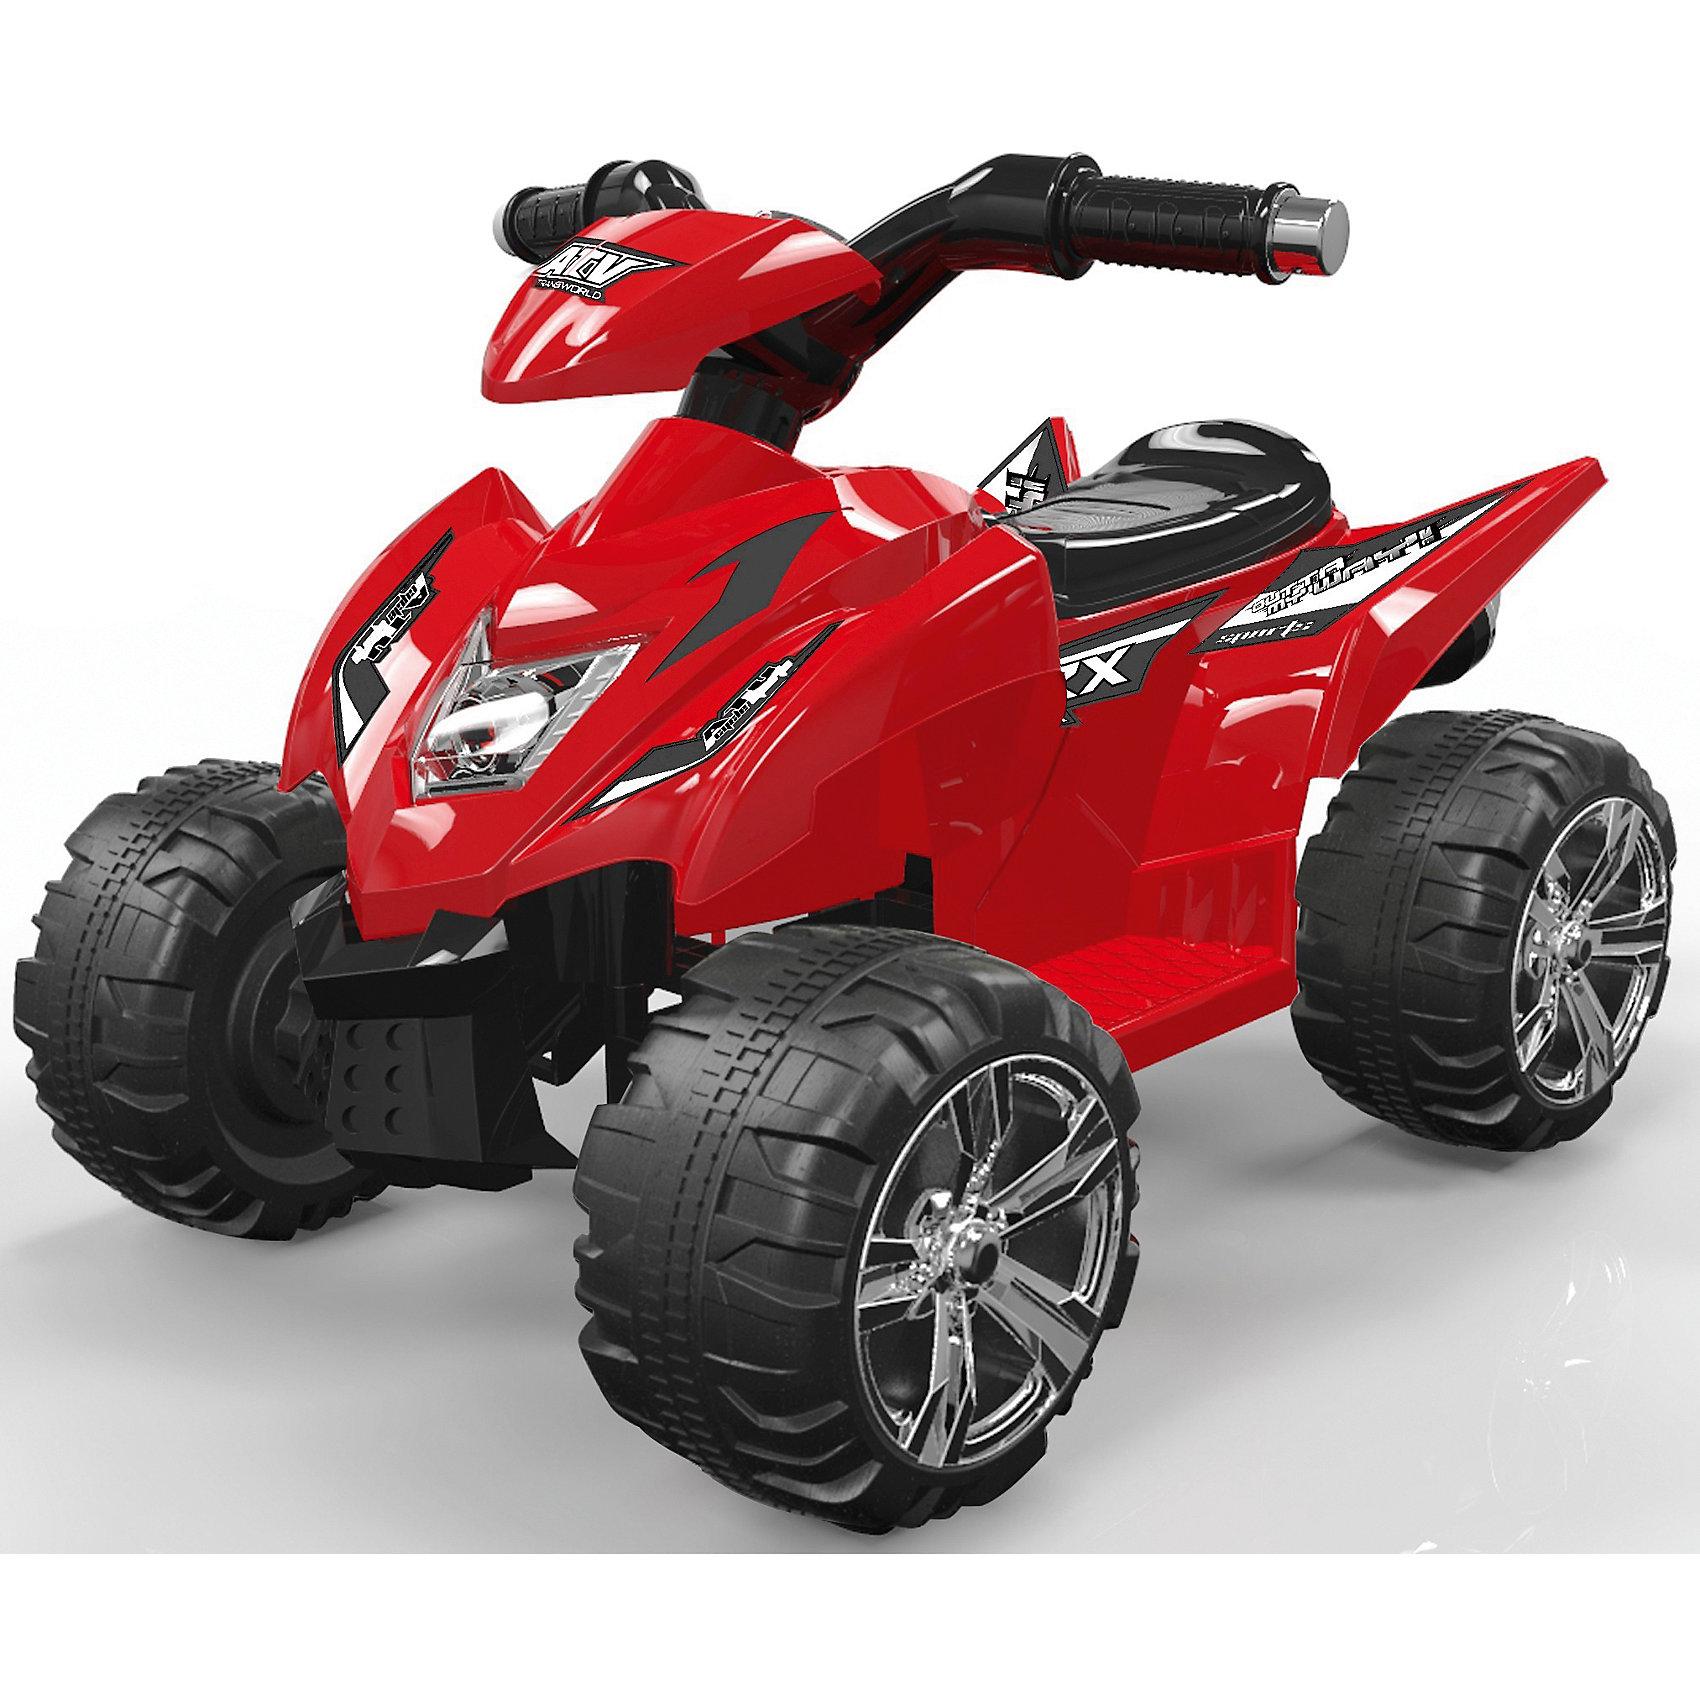 Детский эектрический квадроцикл, в ассортименте, NavigatorЭлектромобили<br>Аккумуляторный квадроцикл со световыми и звуковыми эффектами.  <br>Управляемый квадроцикл может стать одной из самых любимых игрушек Вашего ребенка. Квадроцикл имеет максимально реалистичный вид, выполнен в ярких, привлекательных цветах, что делает его ещё более интересной. Квадроцикл оснащен звуковыми сигналами и музыкальным сопровождением. Во избежание проблем с эксплуатацией модель сопровождается подробной инструкцией на русском языке.<br><br>Ширина мм: 700<br>Глубина мм: 290<br>Высота мм: 500<br>Вес г: 7500<br>Возраст от месяцев: 36<br>Возраст до месяцев: 2147483647<br>Пол: Унисекс<br>Возраст: Детский<br>SKU: 5440879